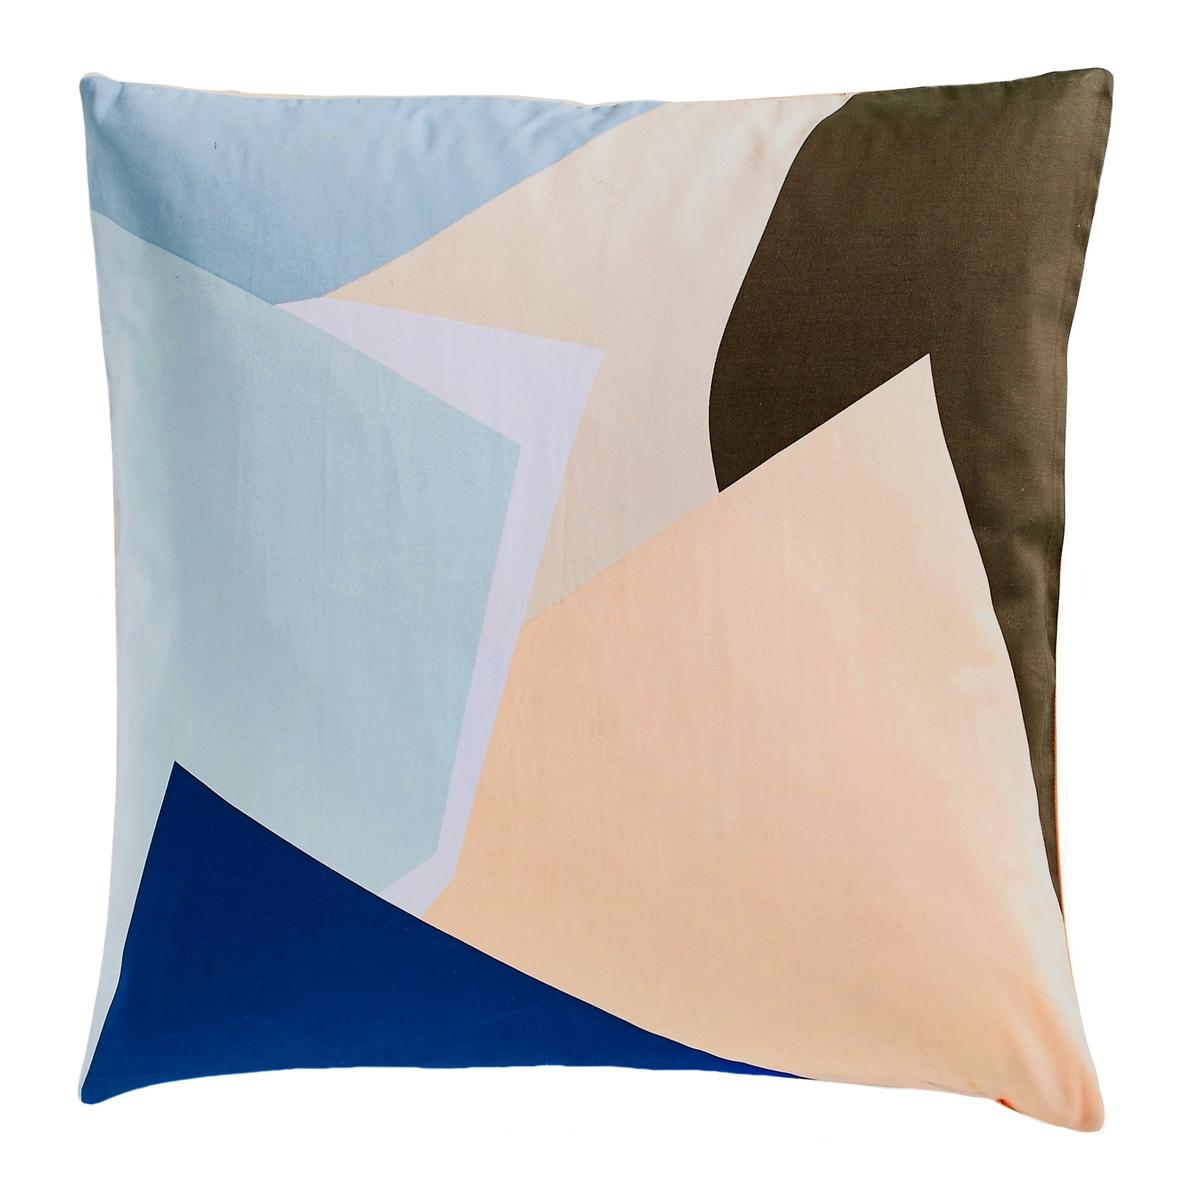 Чехол для подушки квадратный с рисунком, Carlen подушки